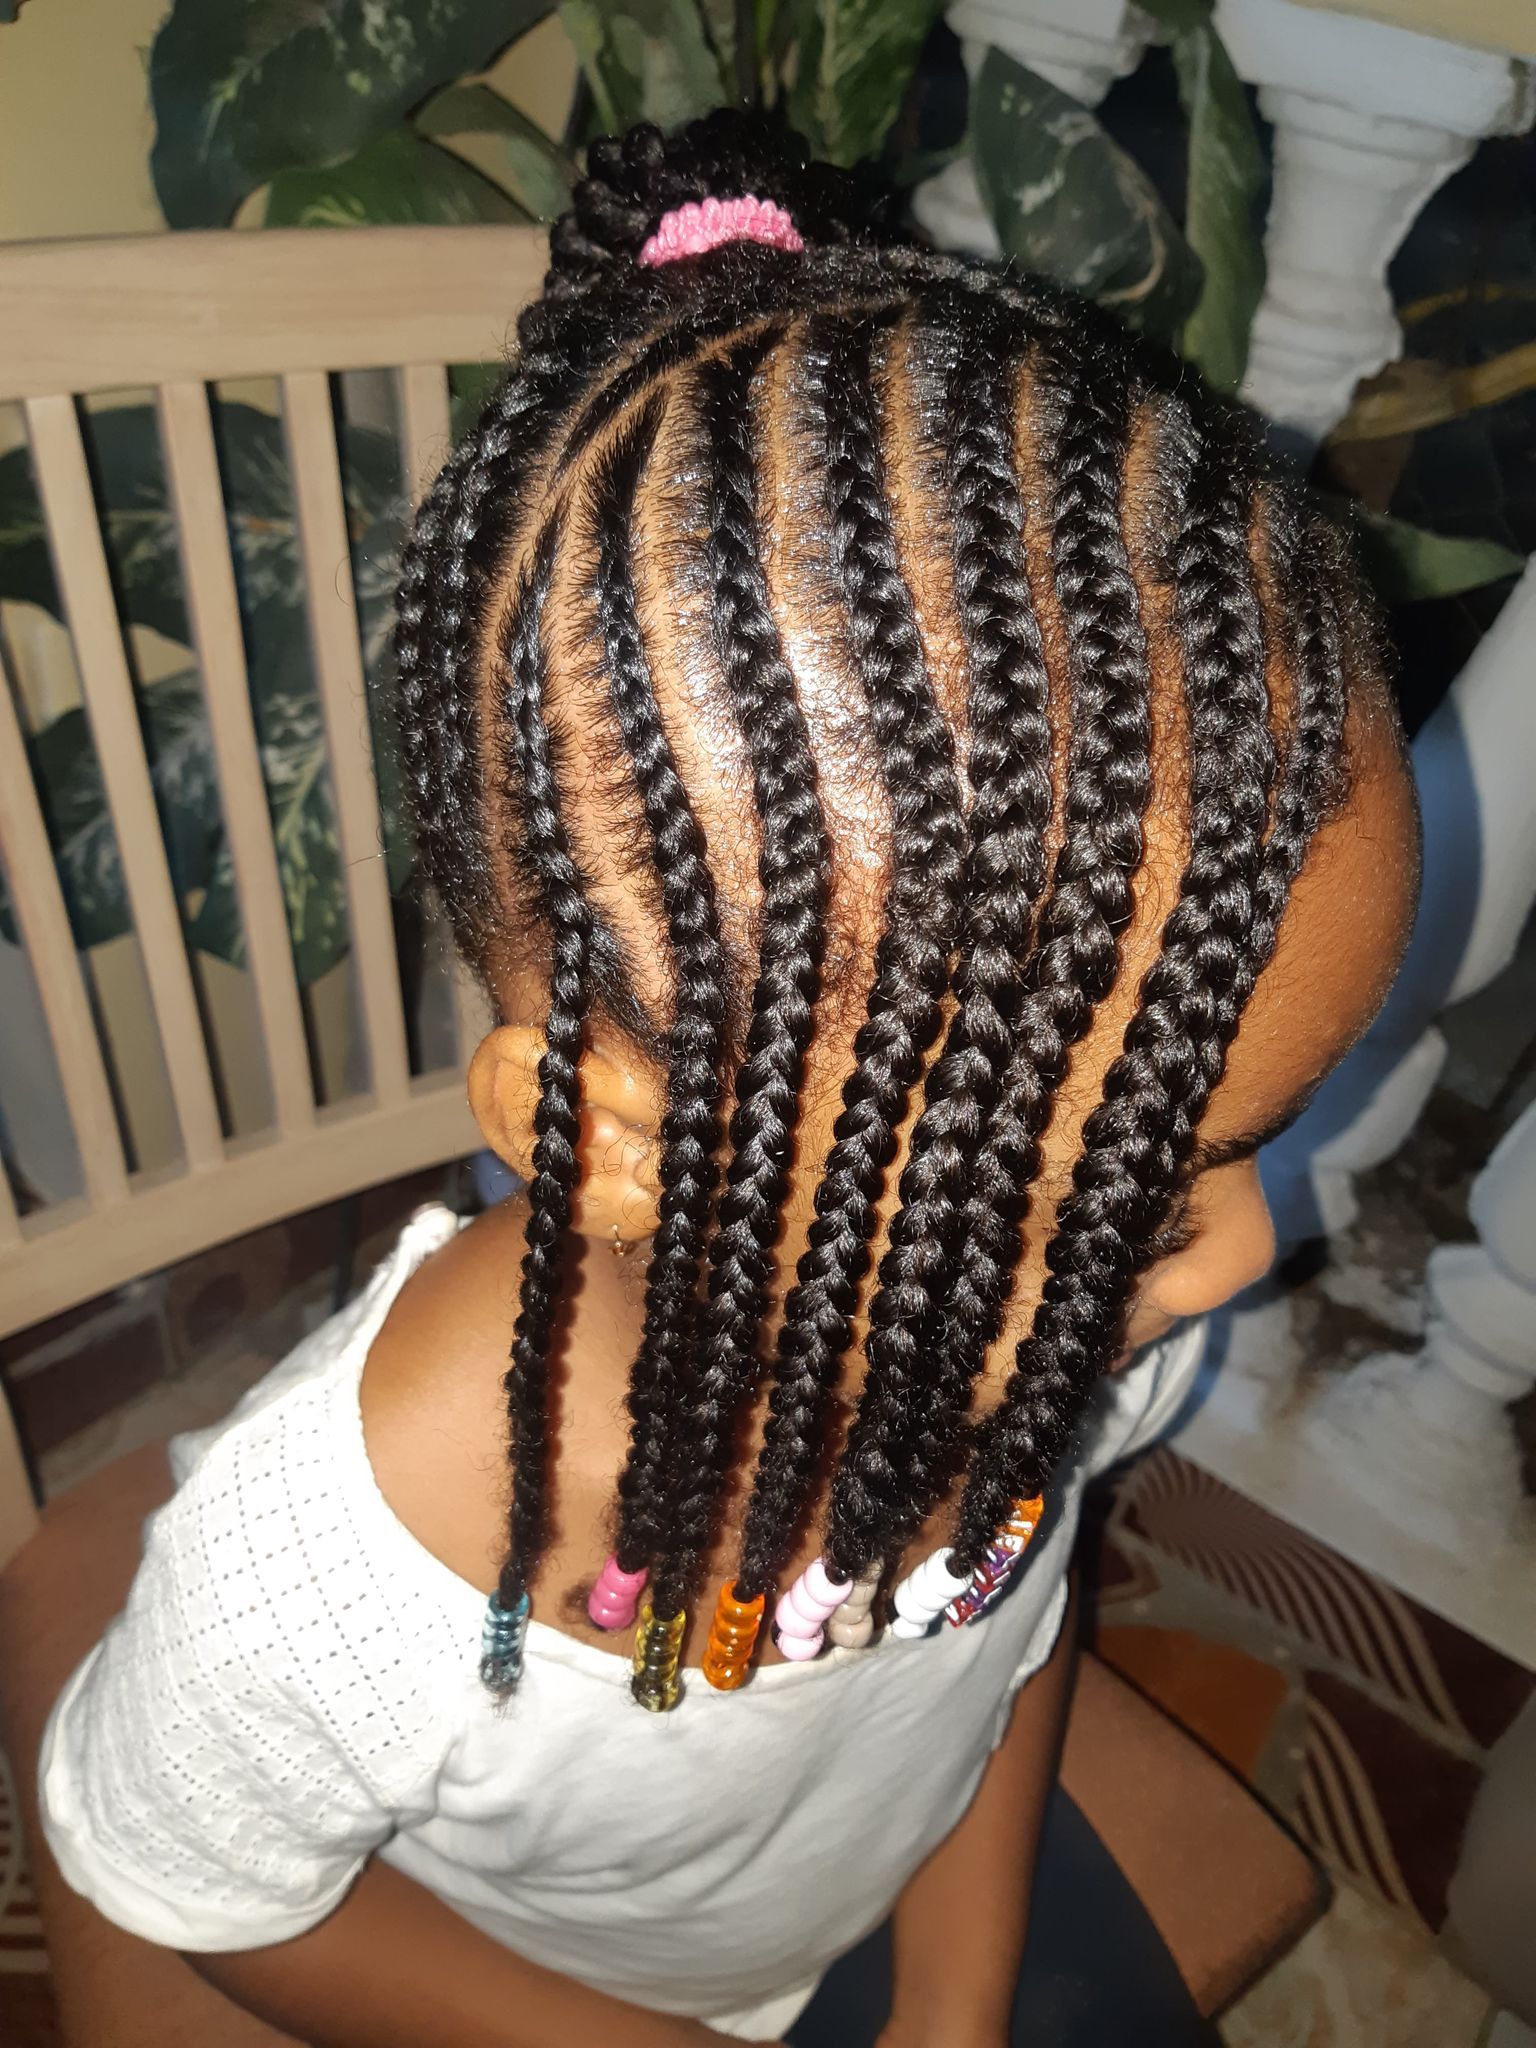 salon de coiffure afro tresse tresses box braids crochet braids vanilles tissages paris 75 77 78 91 92 93 94 95 TPJPANVY